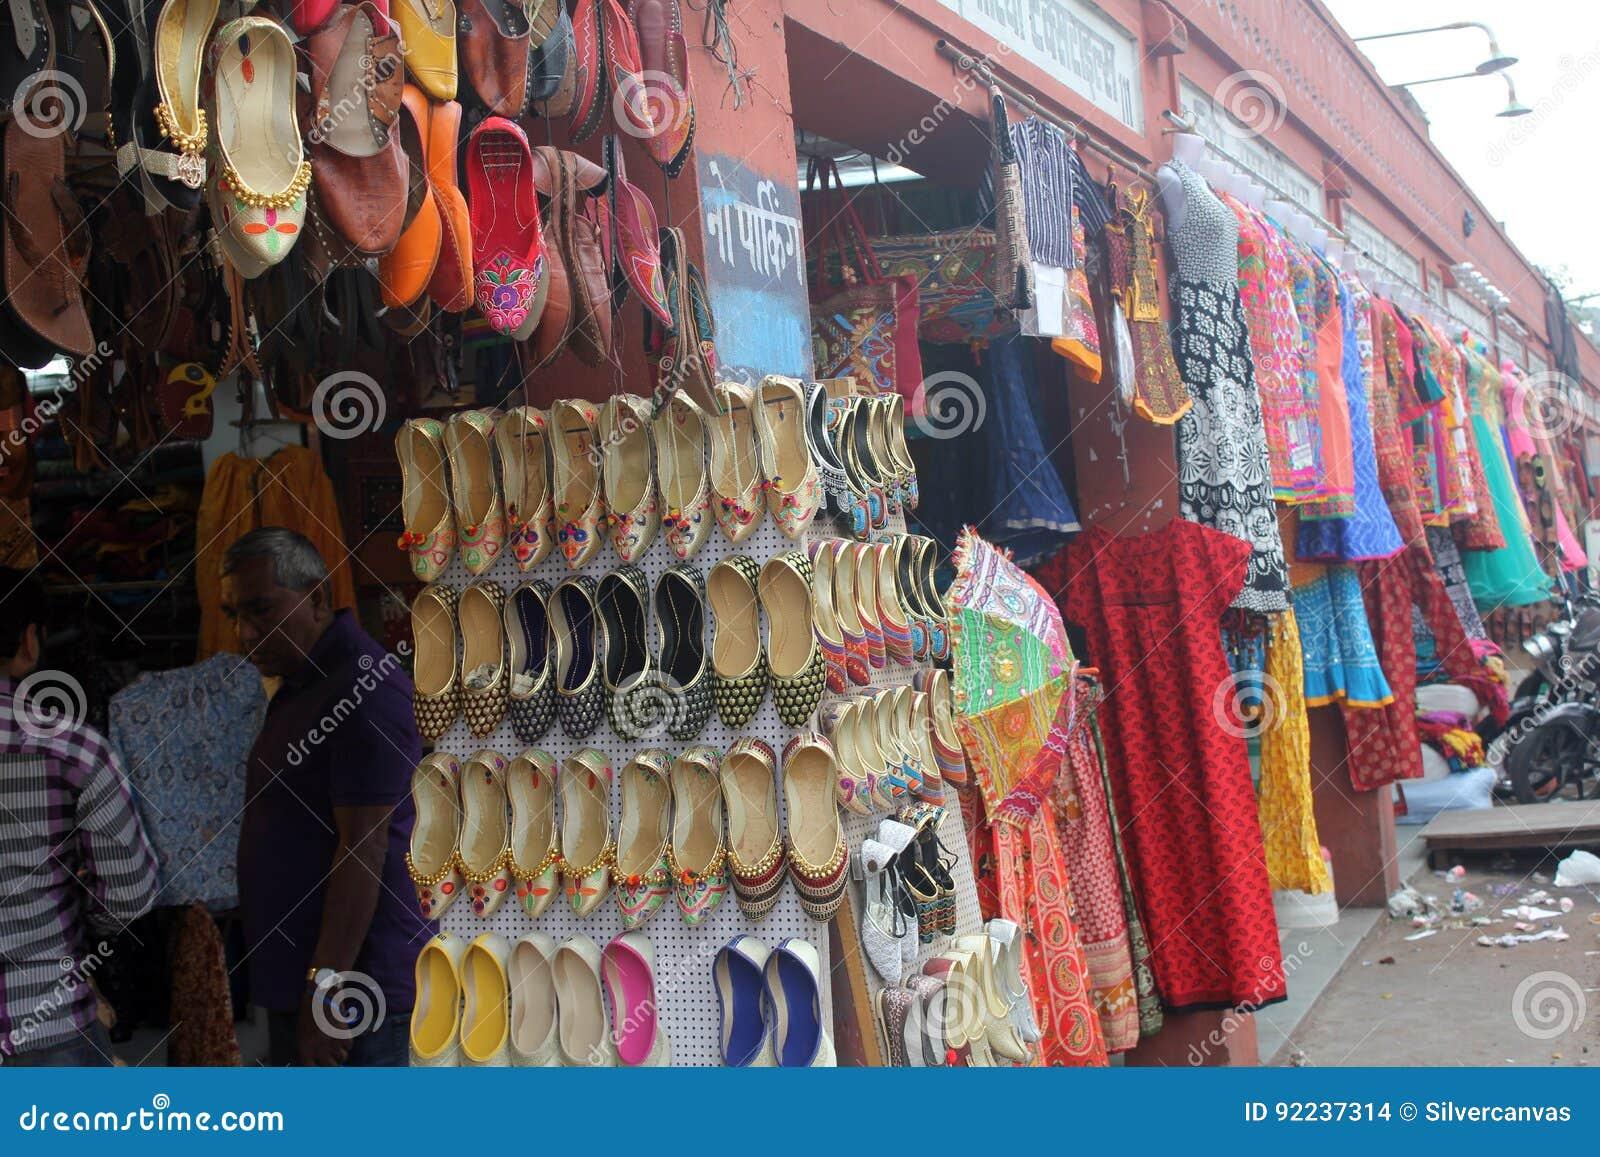 Street Market In Jaipur Rajasthan Editorial Stock Image